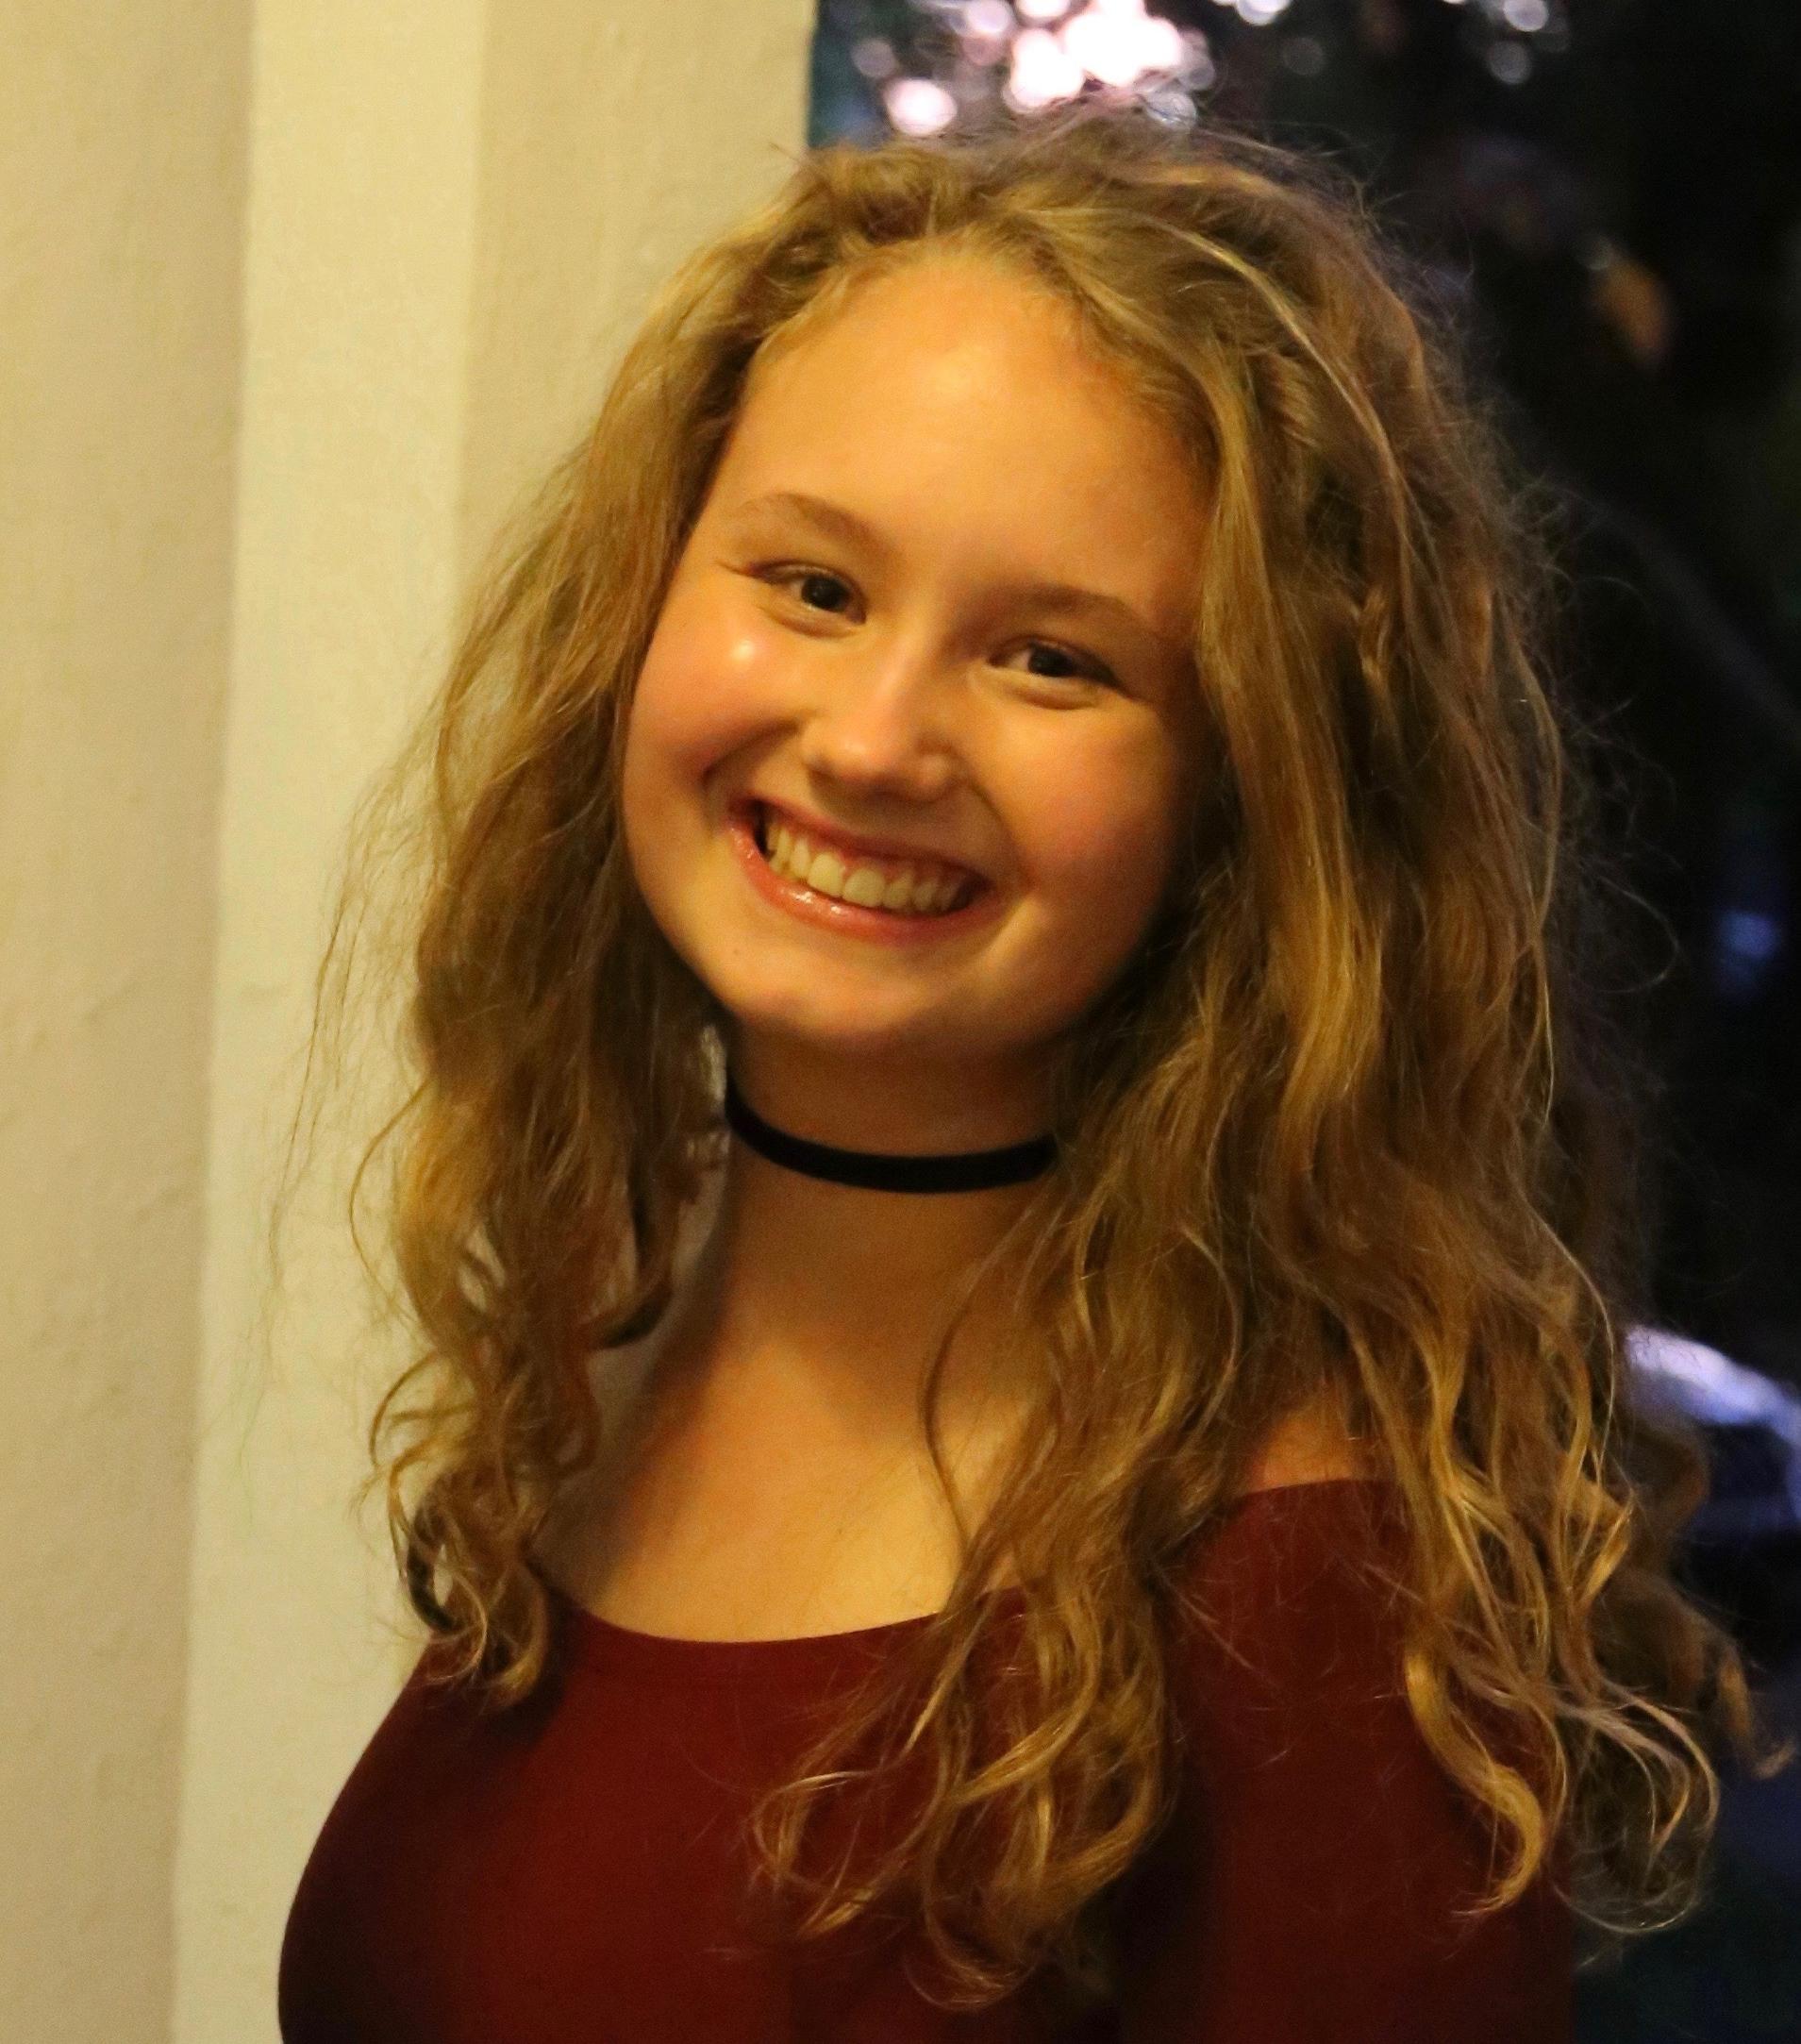 Annabelle Miller - Ursuline Junior, Student Lead Organizer